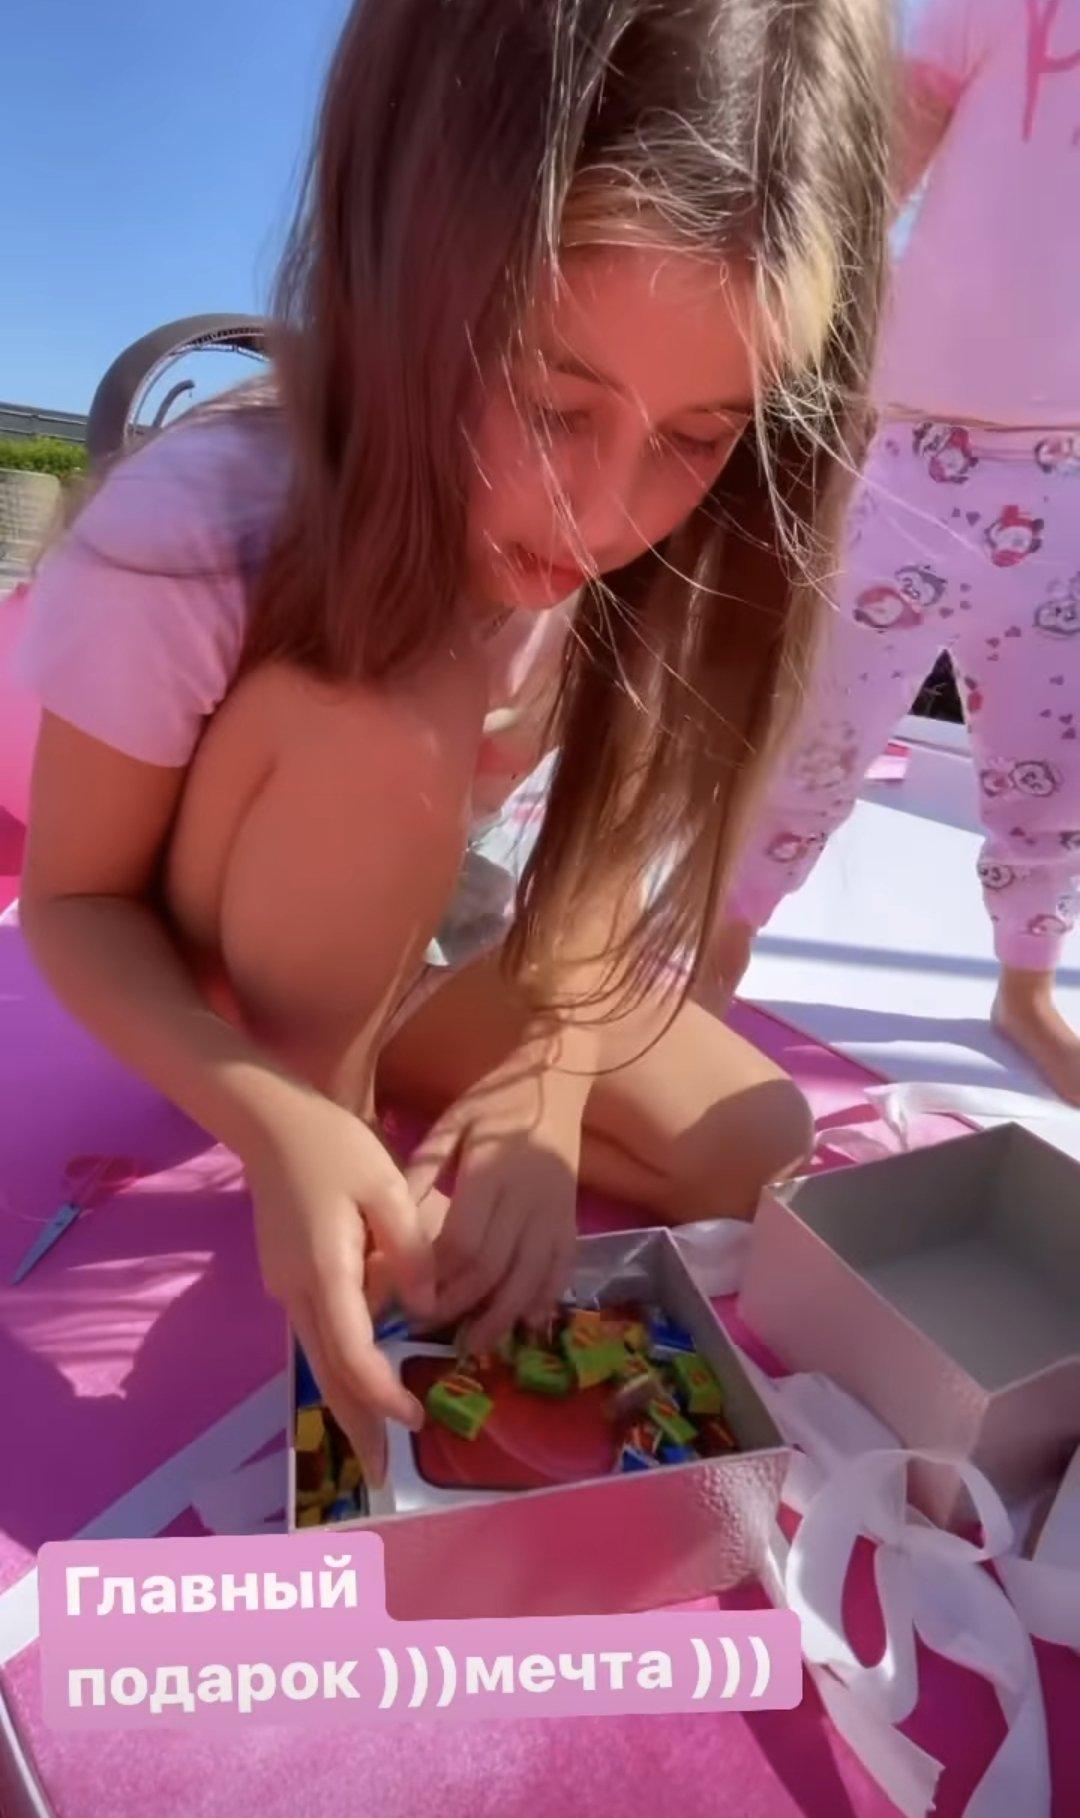 В вопросе воспитания детей Оксана Самойлова и Джиган оказались строгими родителями